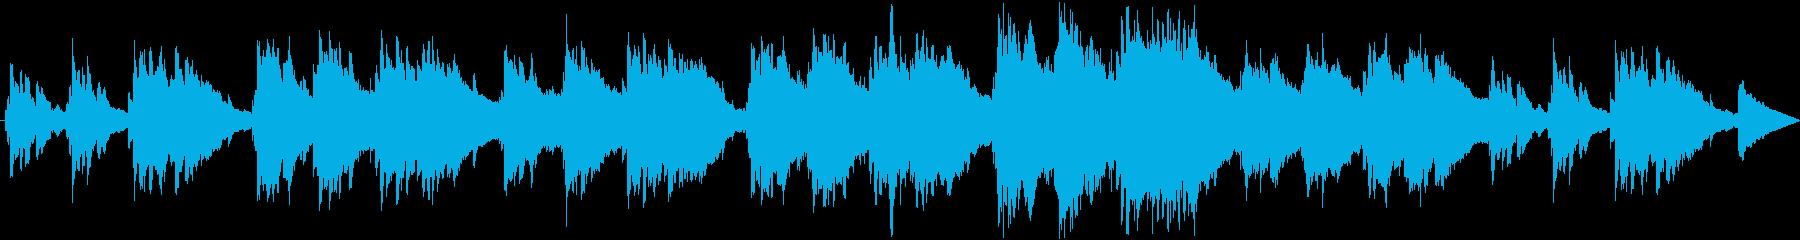 室内楽 クラシック 交響曲 アンビ...の再生済みの波形